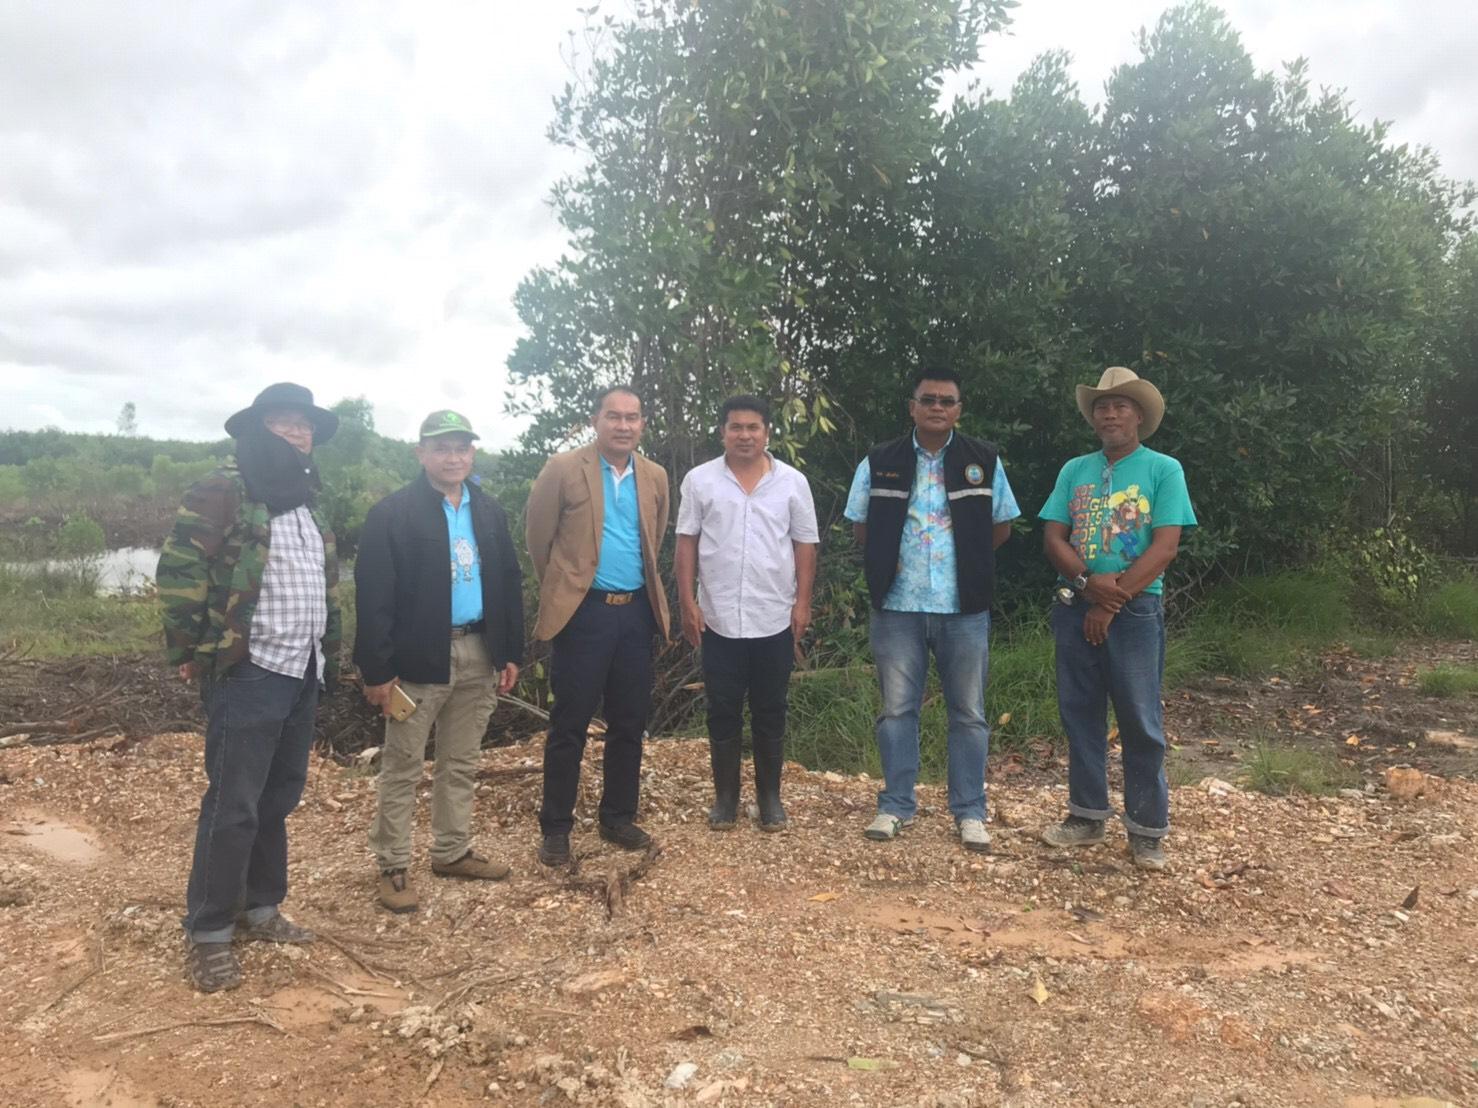 รองอธิบดี ทช. ตรวจเยี่ยมโครงการจัดสร้างสวนพฤกษศาสตร์ป่าชายเลนนานาชาติ ร.9